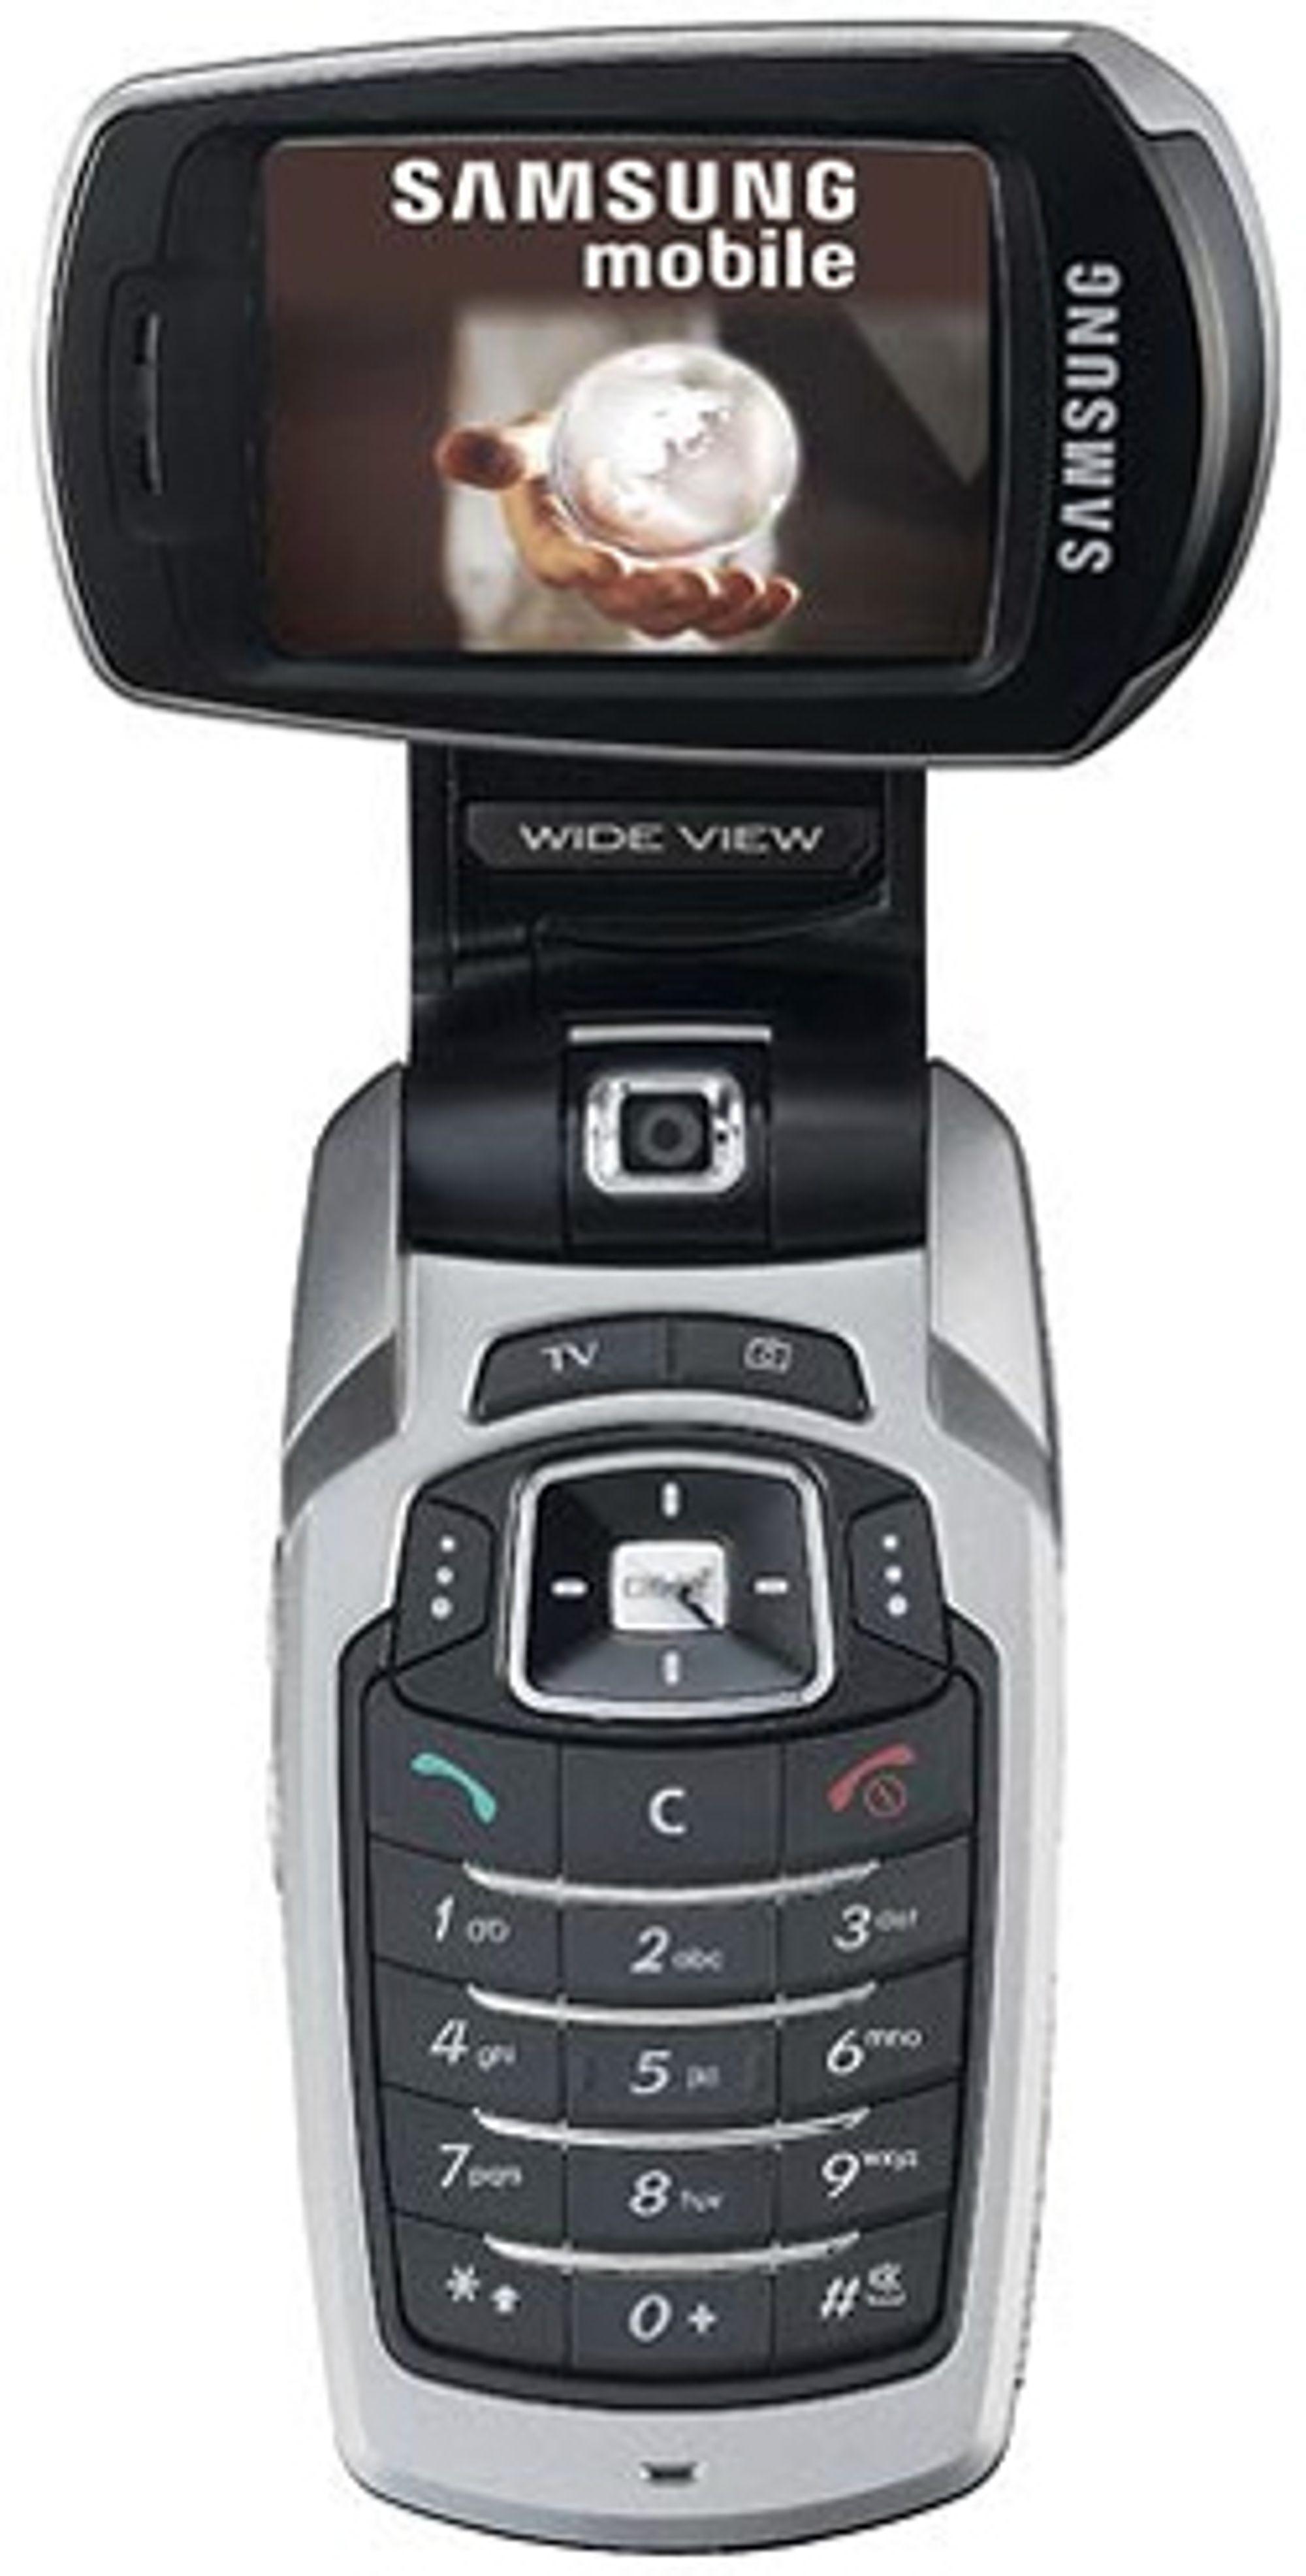 Vil du egentlig gå rundt med en slik mobil i lomma?